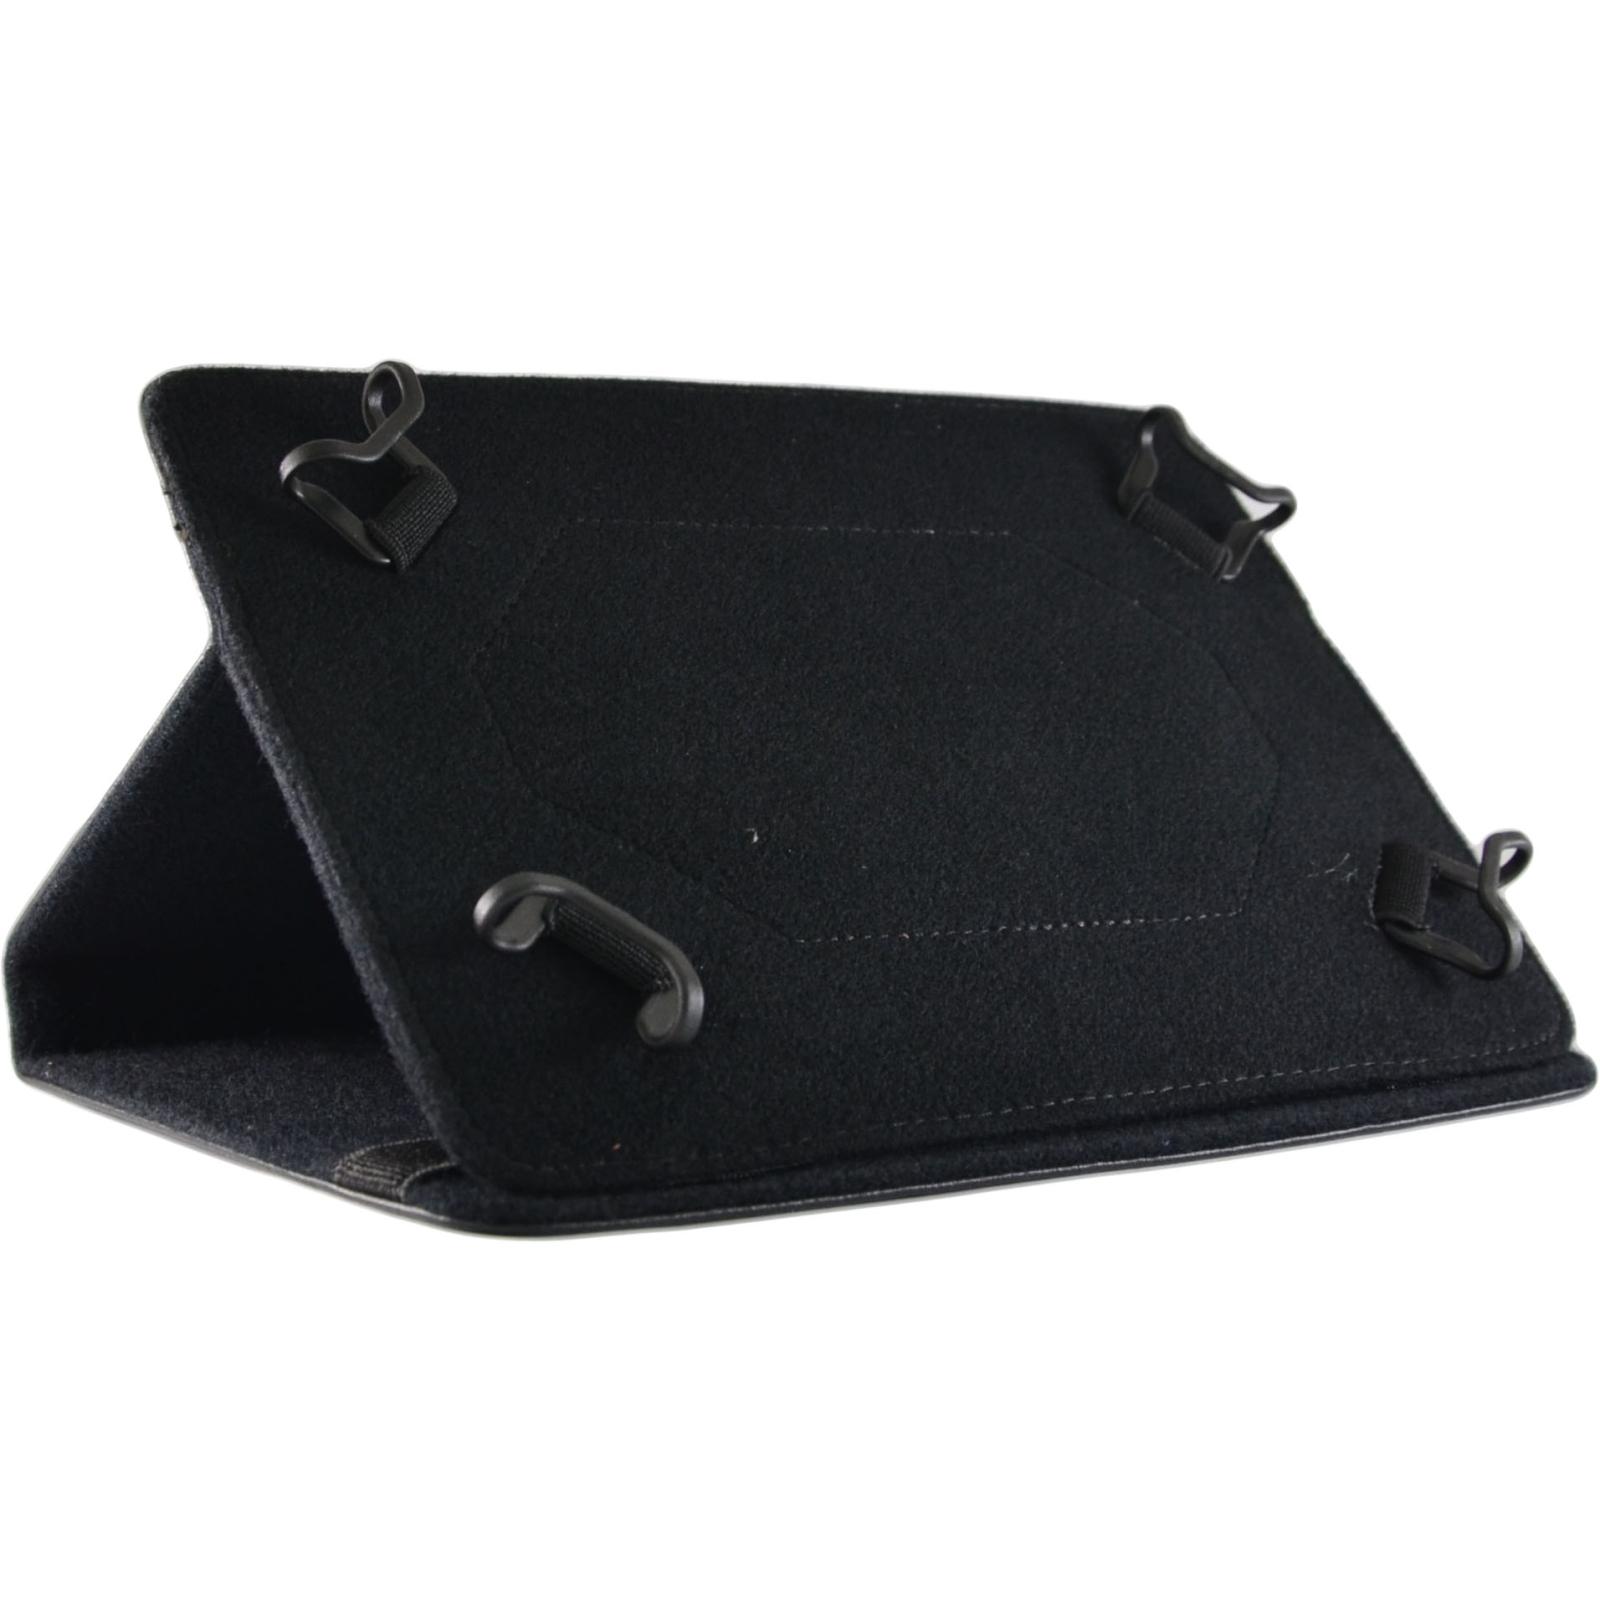 """Чехол для планшета Pro-case Чохол планшету універсальний Pro-case case fits up 10"""" black (UNS-022) изображение 4"""